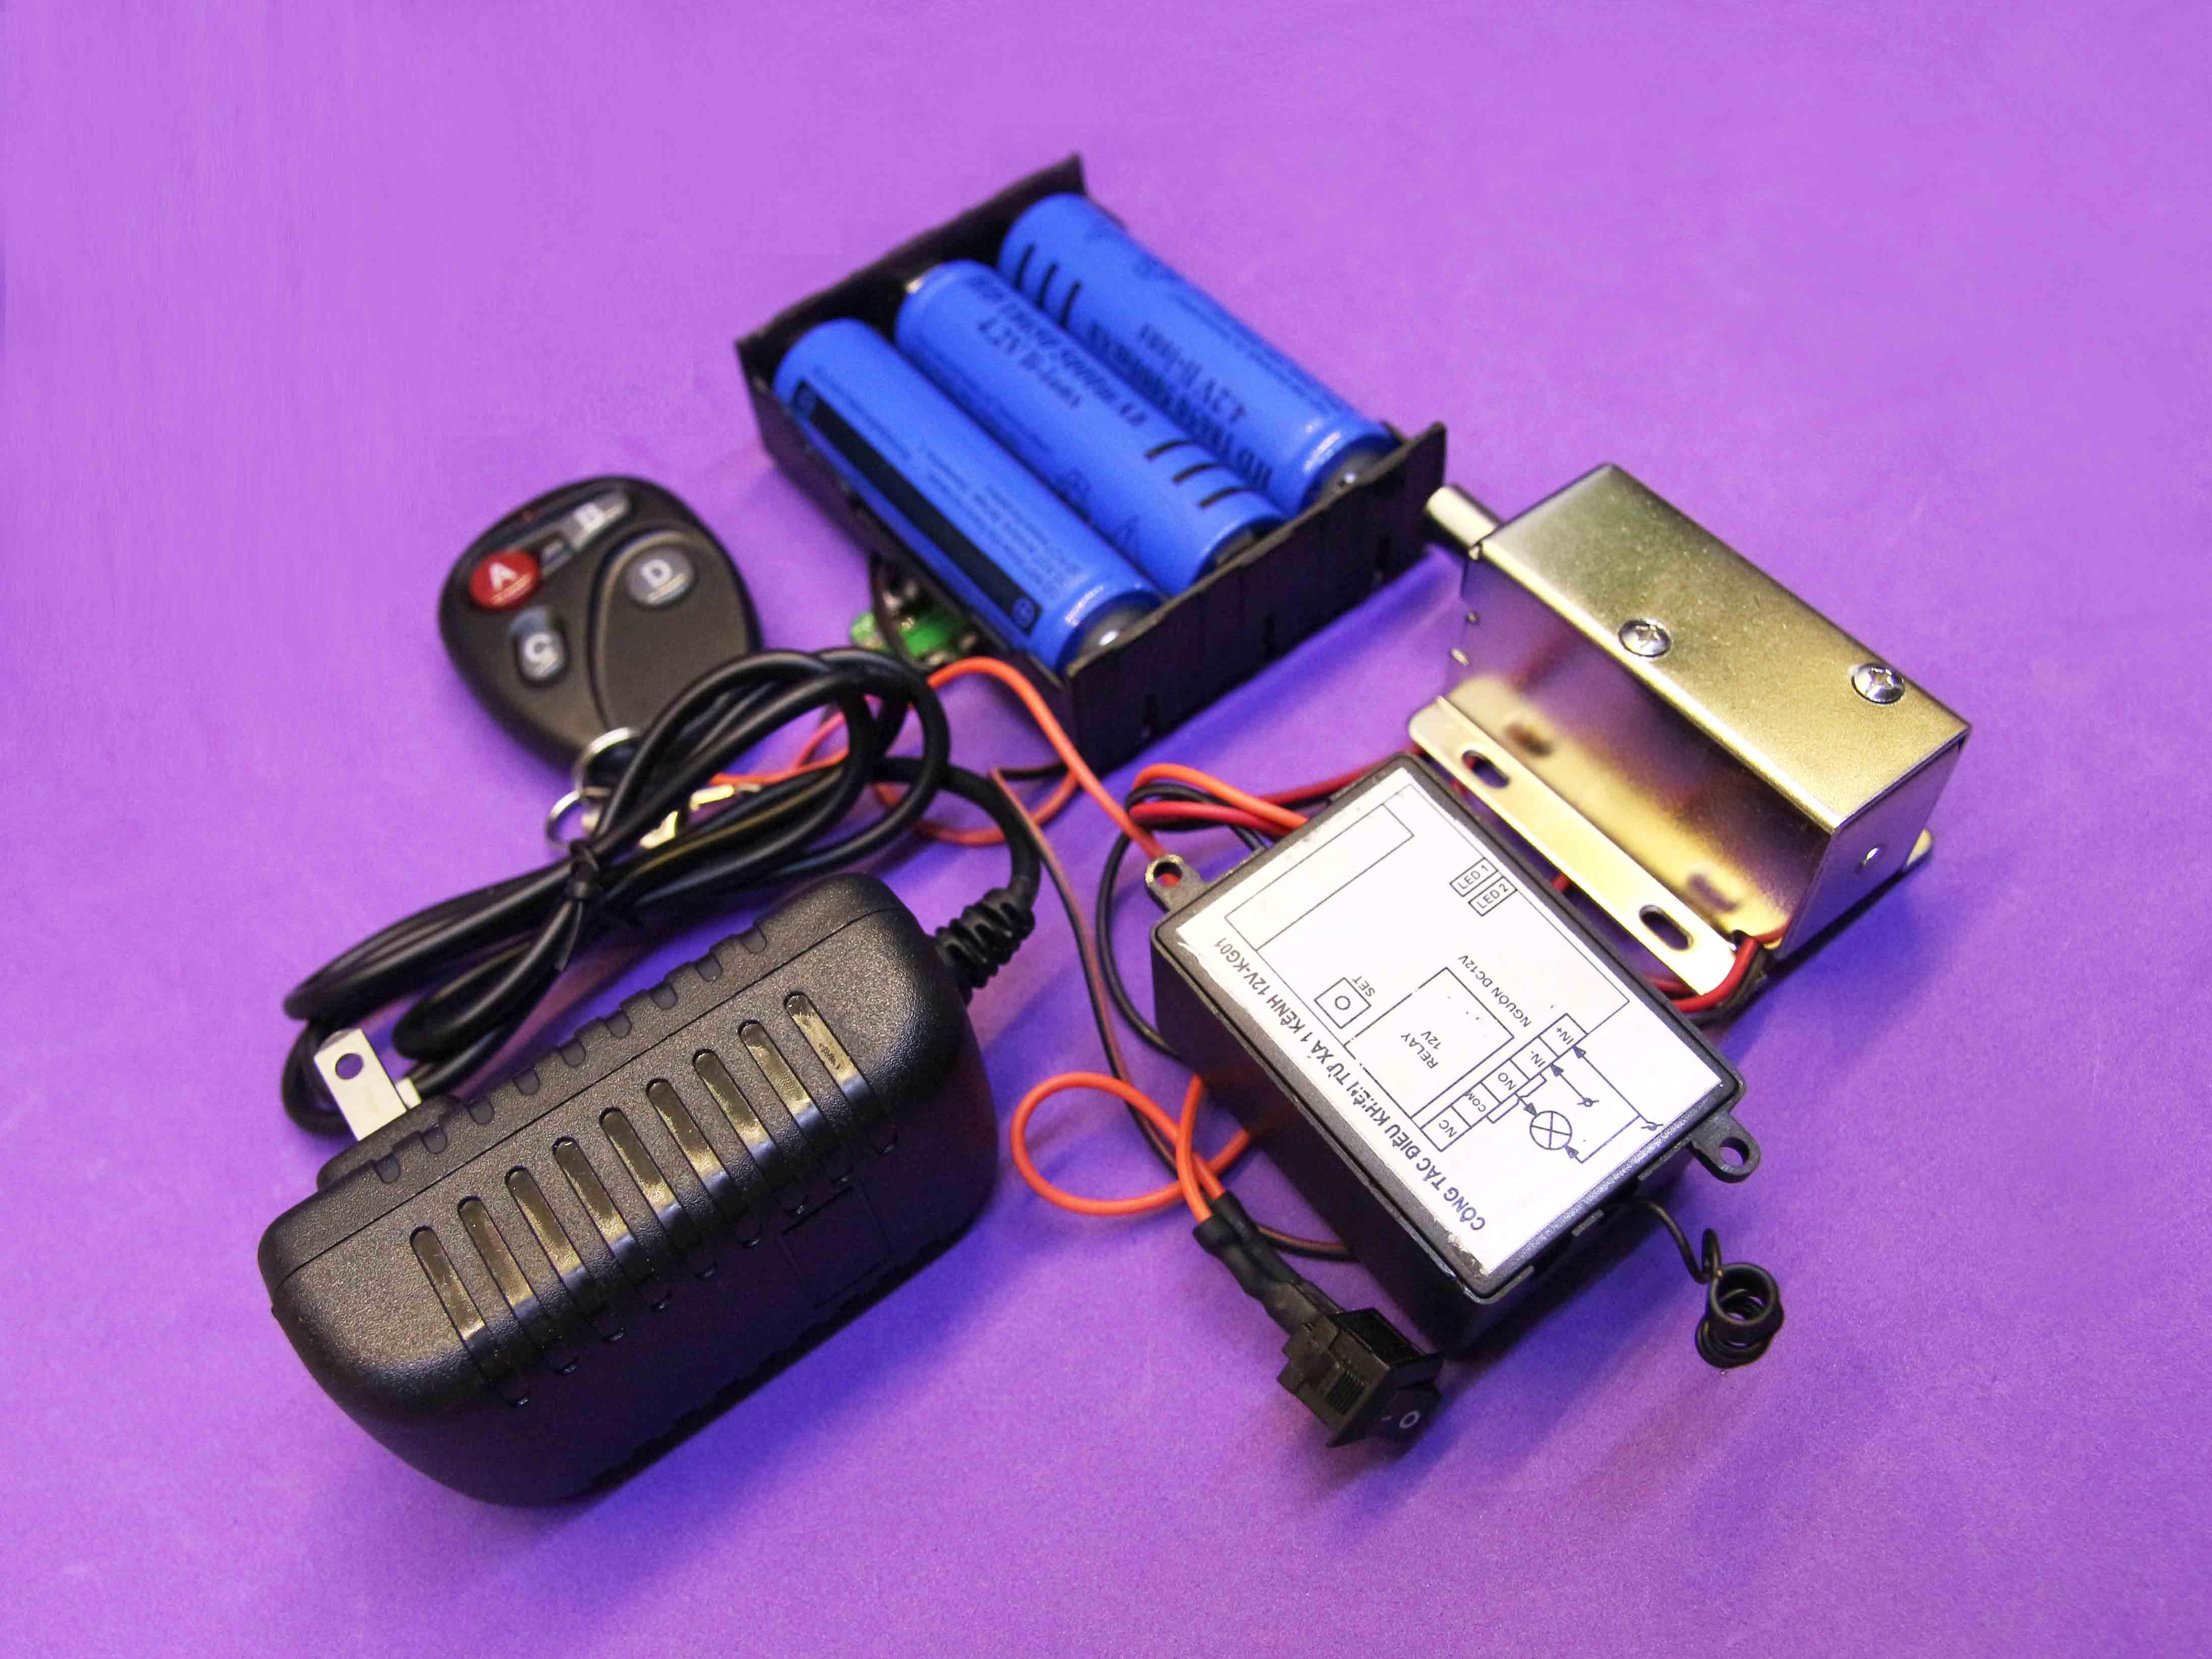 Bộ khóa điện khiển từ xa dùng pin sạc mạch sạc loại chốt